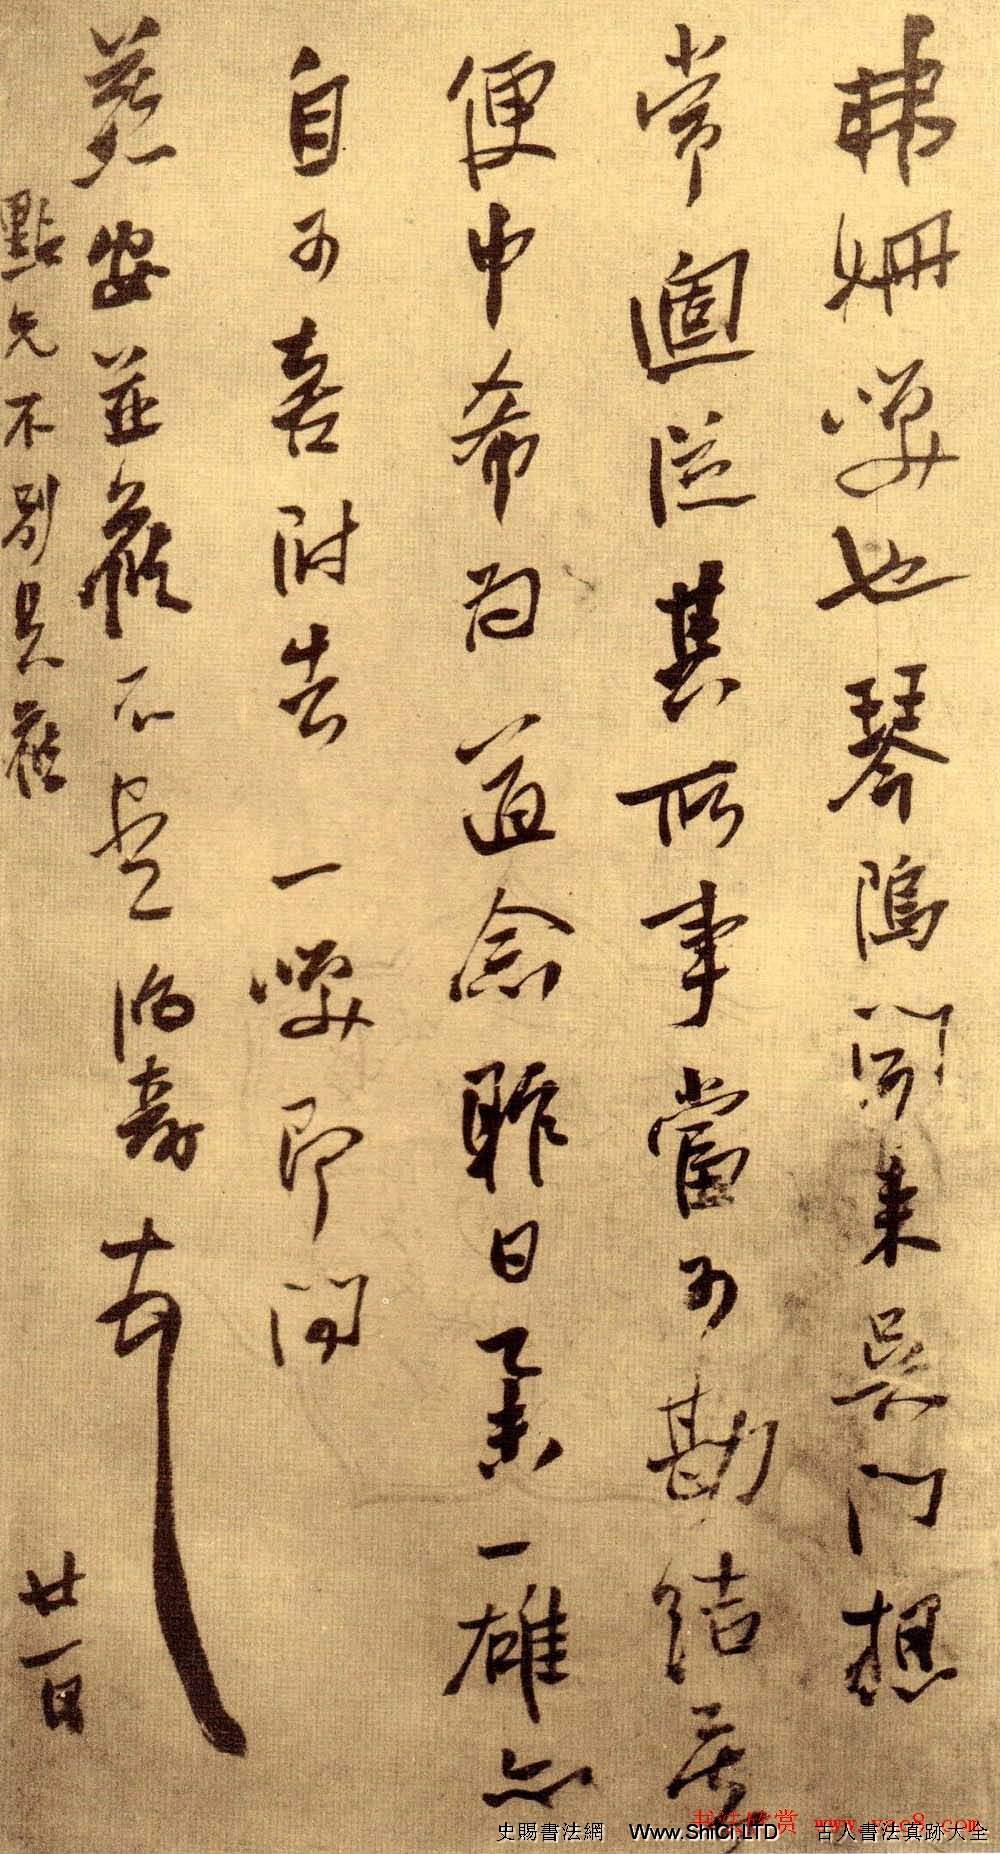 陳鴻壽行楷書法欣賞《孫夫人墓誌銘》